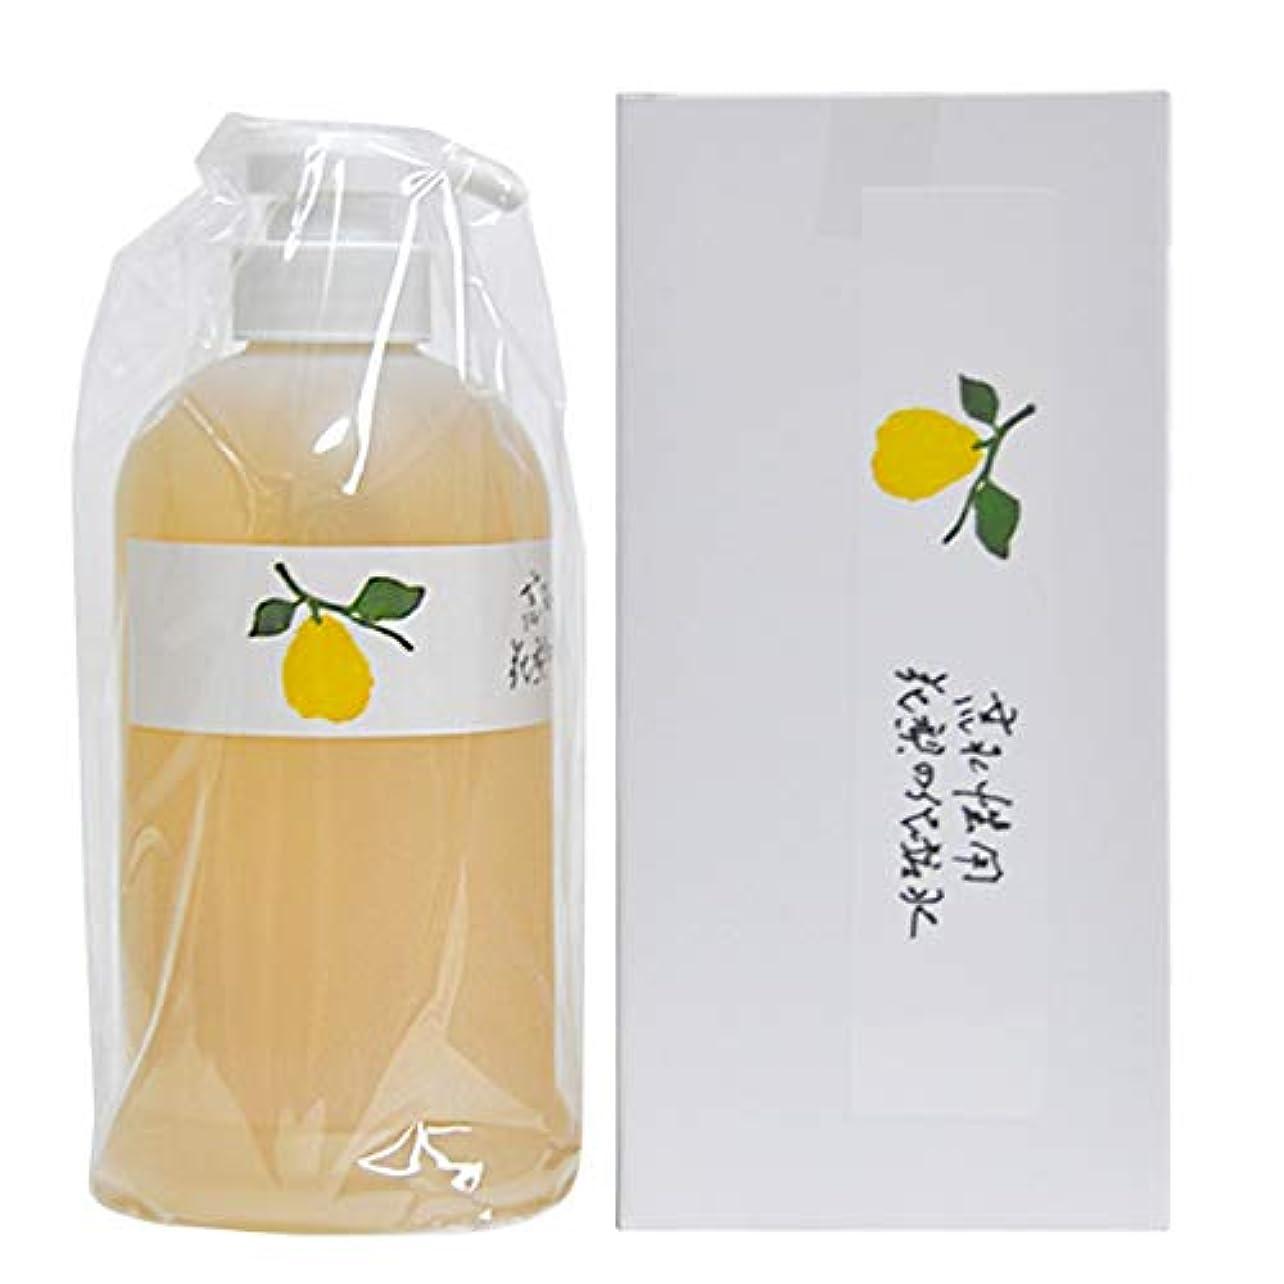 戻るクリエイティブ醸造所花梨の化粧水 お徳用ホームサイズ 630ml